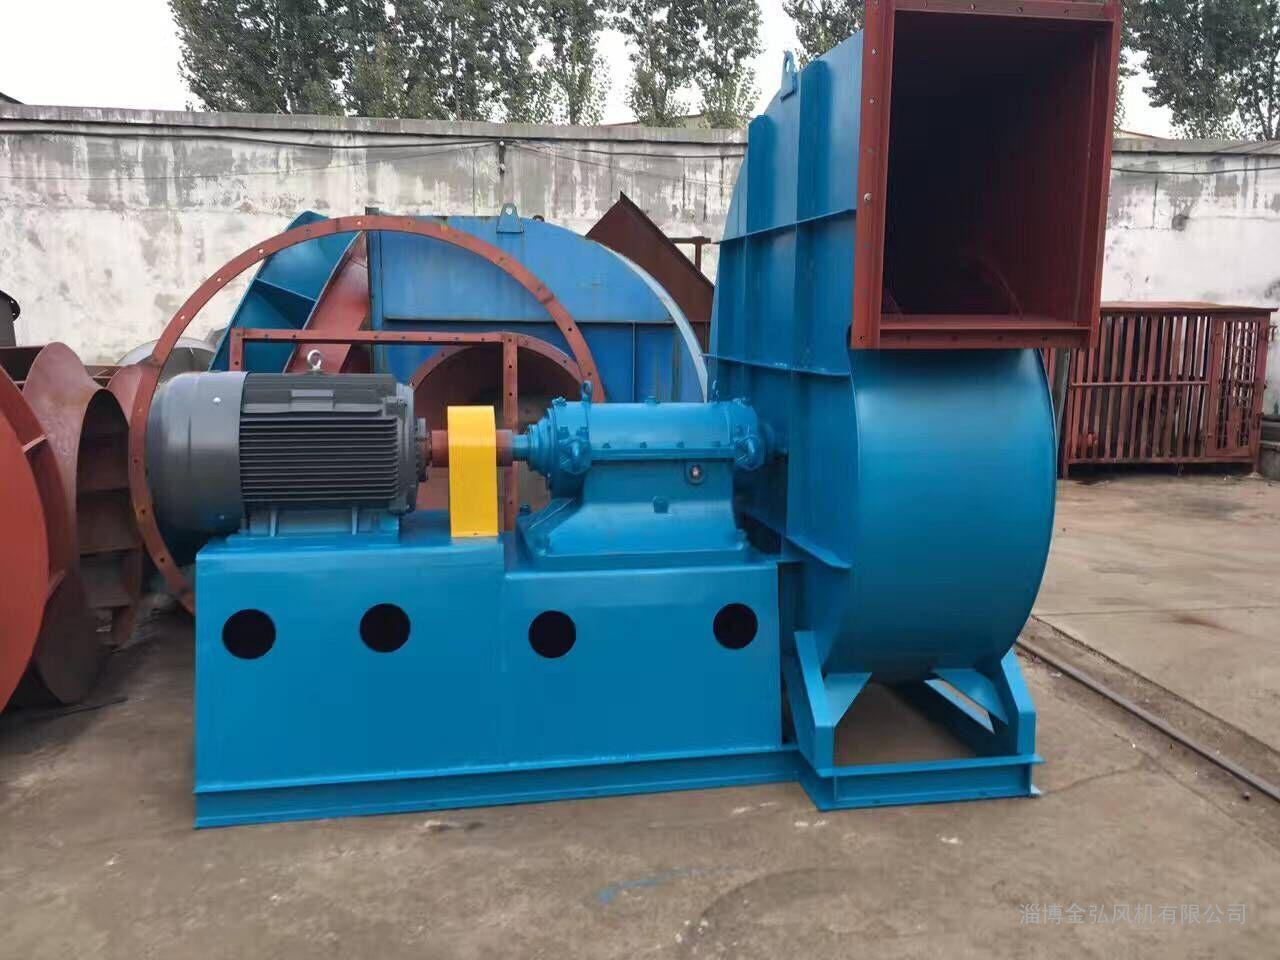 GY6-51型锅炉鼓引风机